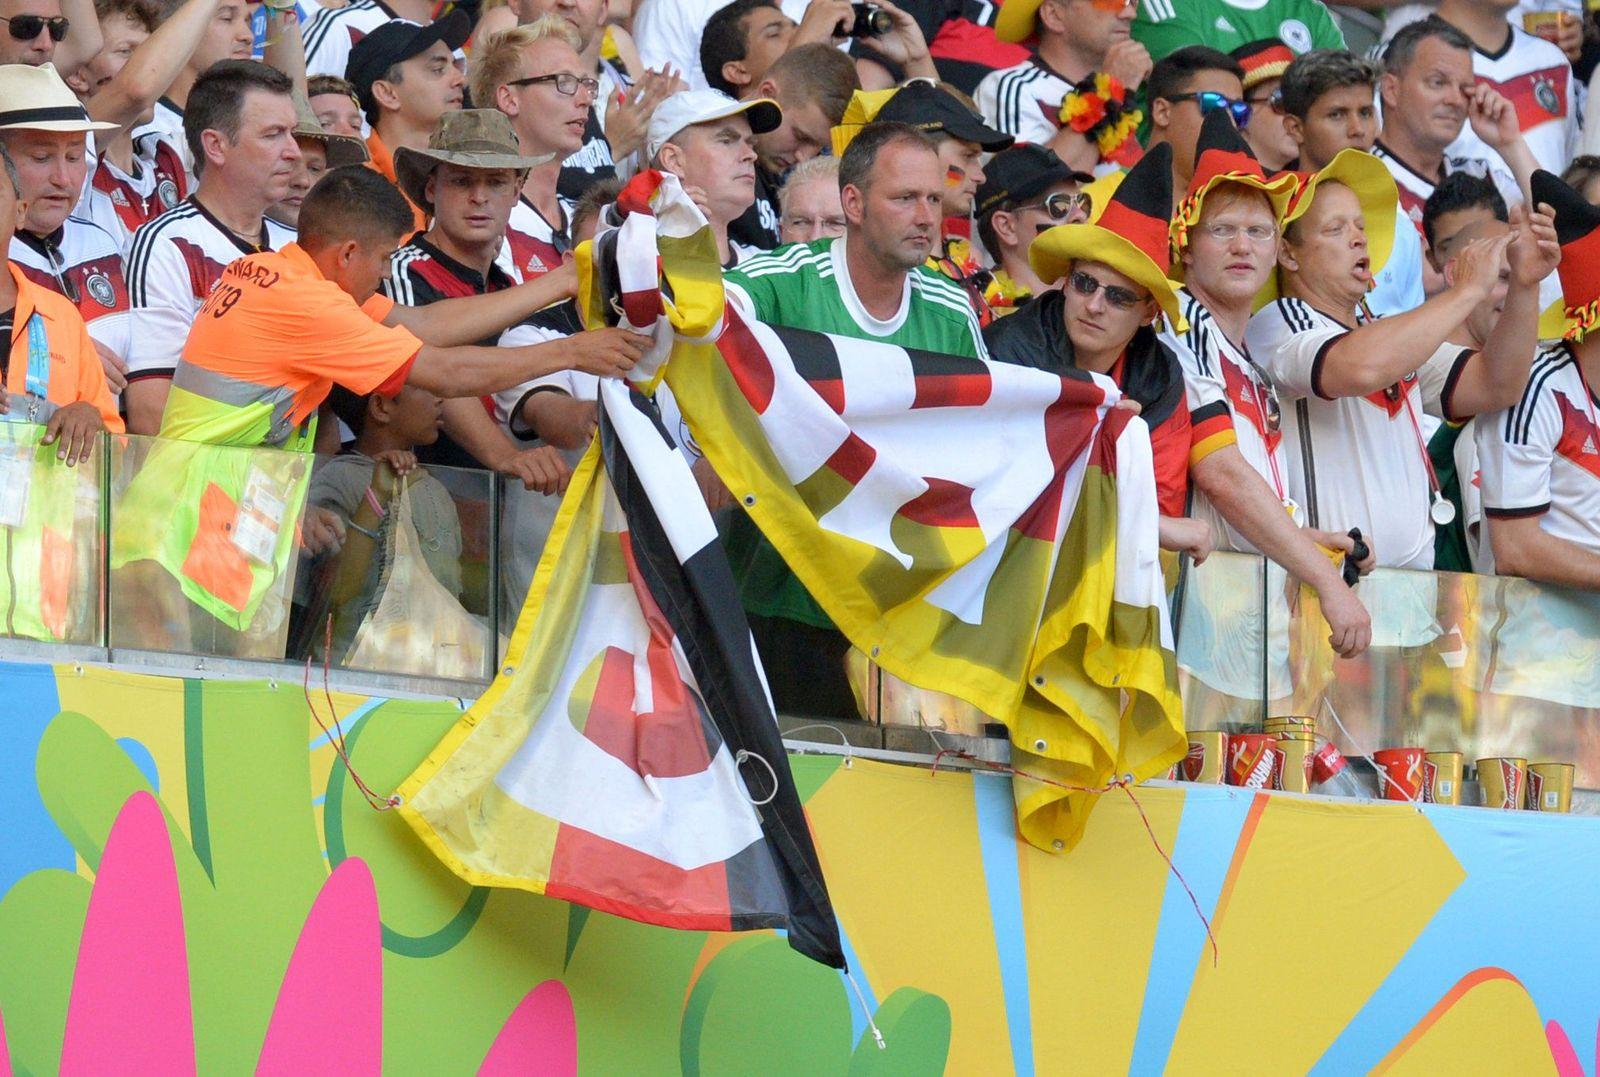 Deutschland vs Ghana/ Flaggen-Streit